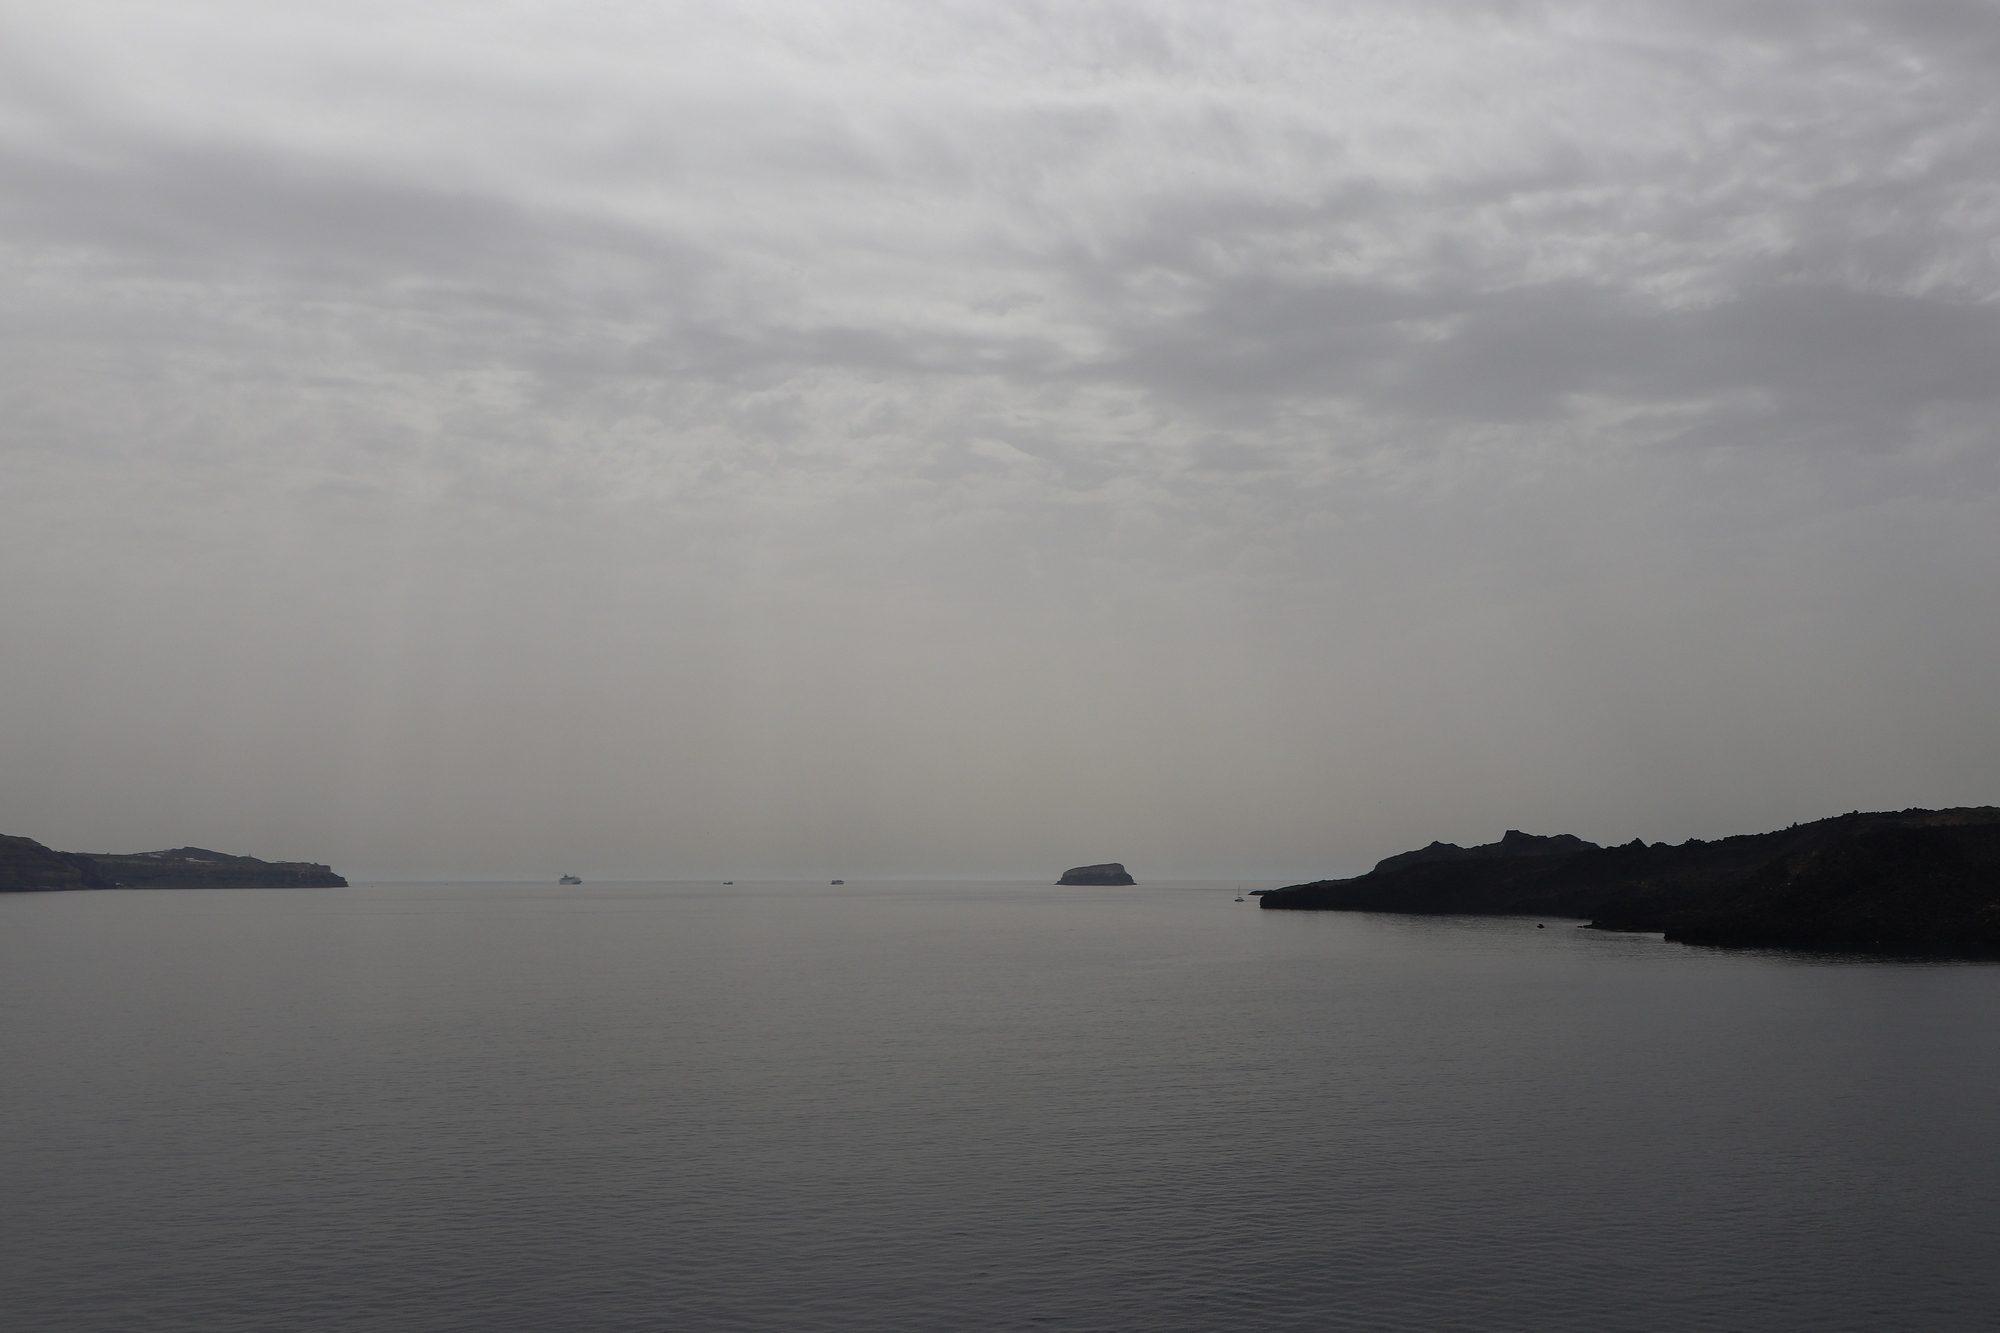 Ausfahrt aus der Caldera von Santorin